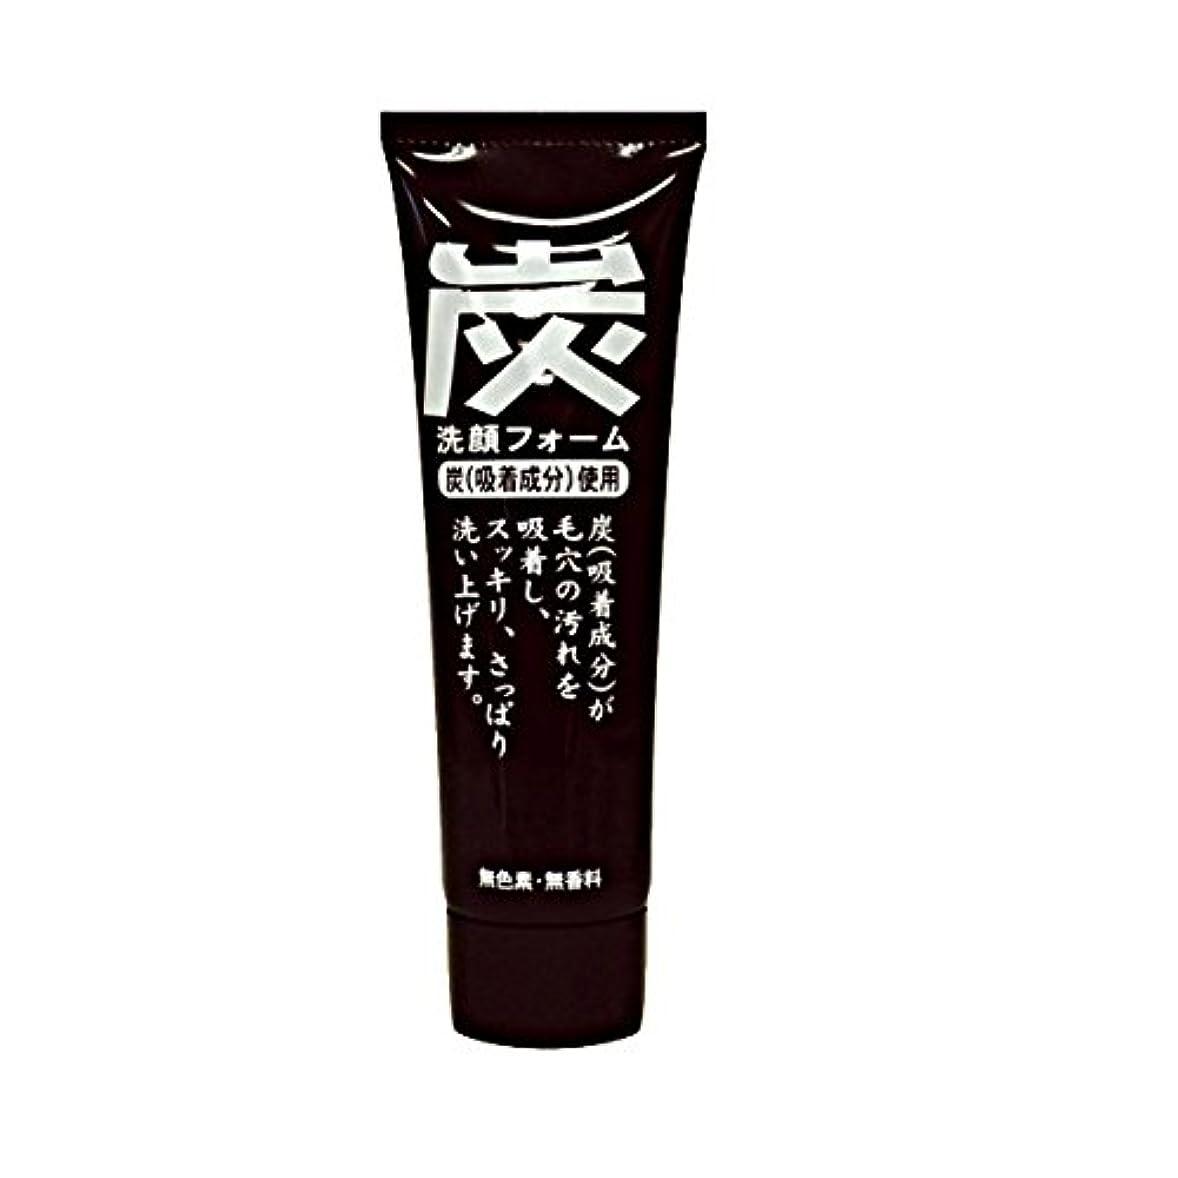 ディスカウントパフ不安定な純ケミファ 炭 ジュンラブ MC洗顔フォーム 120g